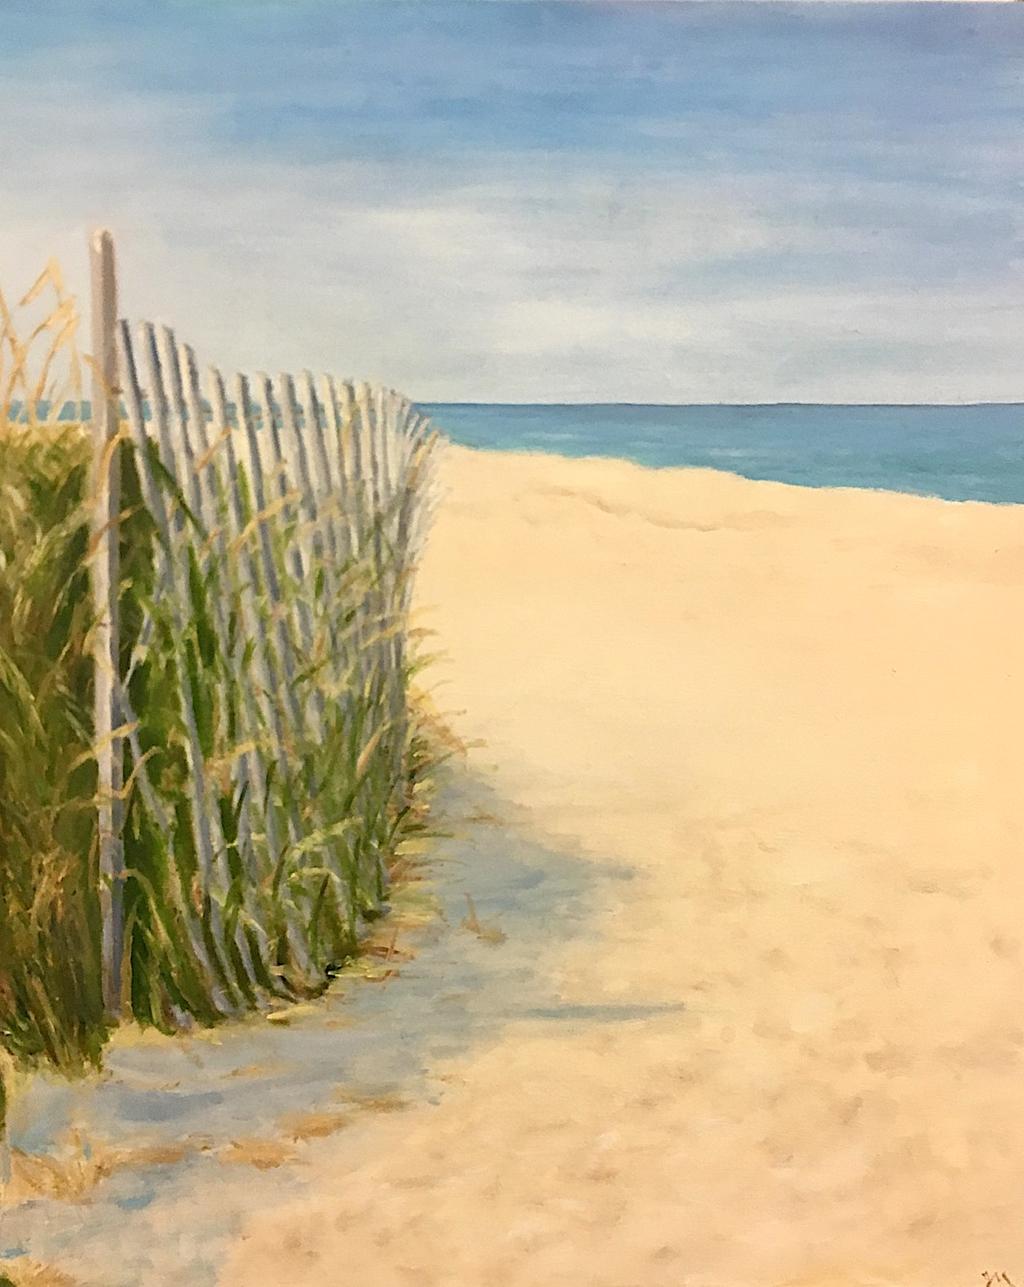 Leelanau Beach by Judy McGrath